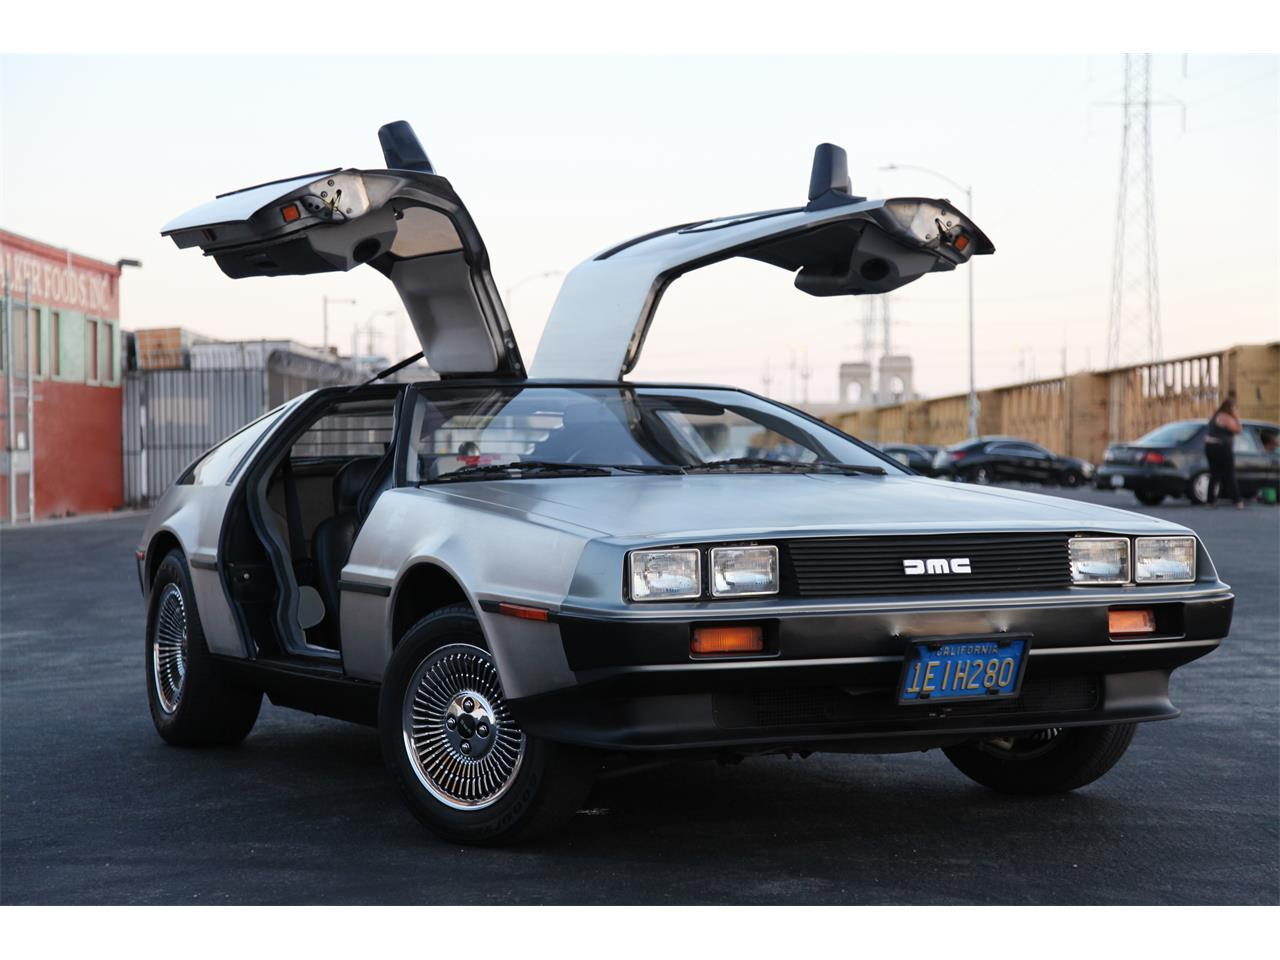 1981 DeLorean DMC-12 (CC-1246252) for sale in Burbank, California